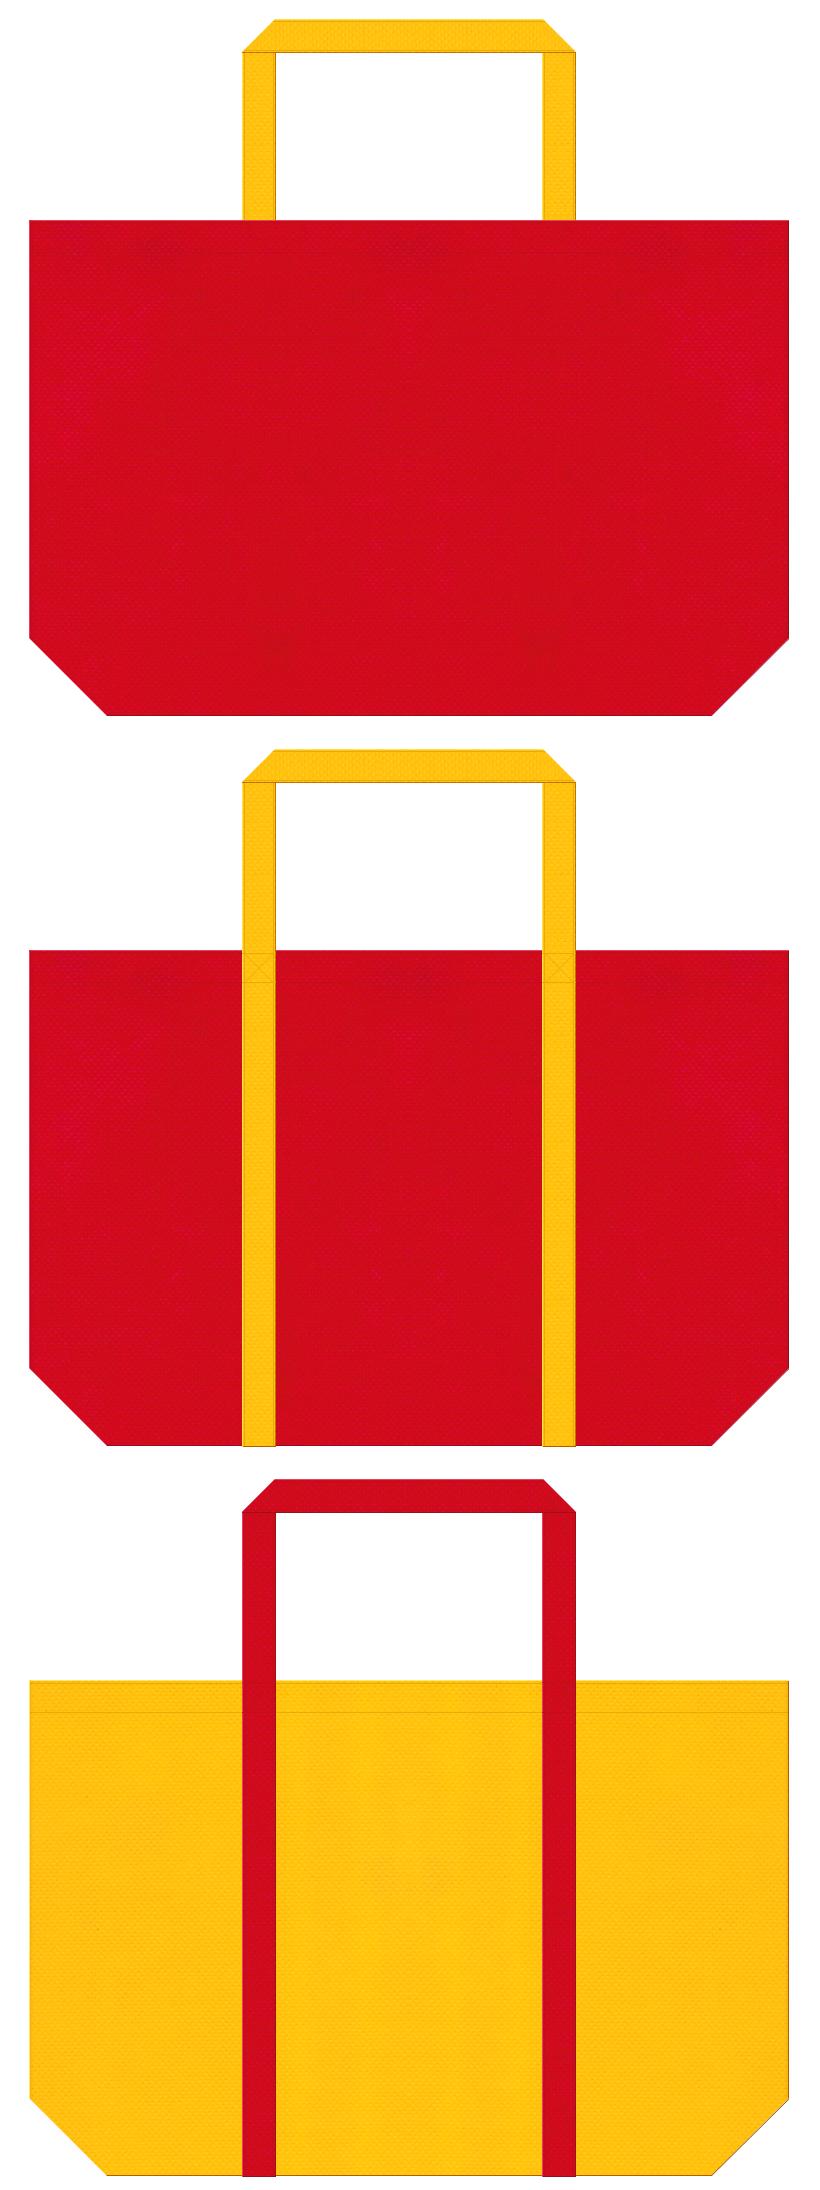 不織布ショッピングバッグのデザイン:紅色と黄色のコーデ。ゲーム・おもちゃのショッピングバッグにお奨めです。